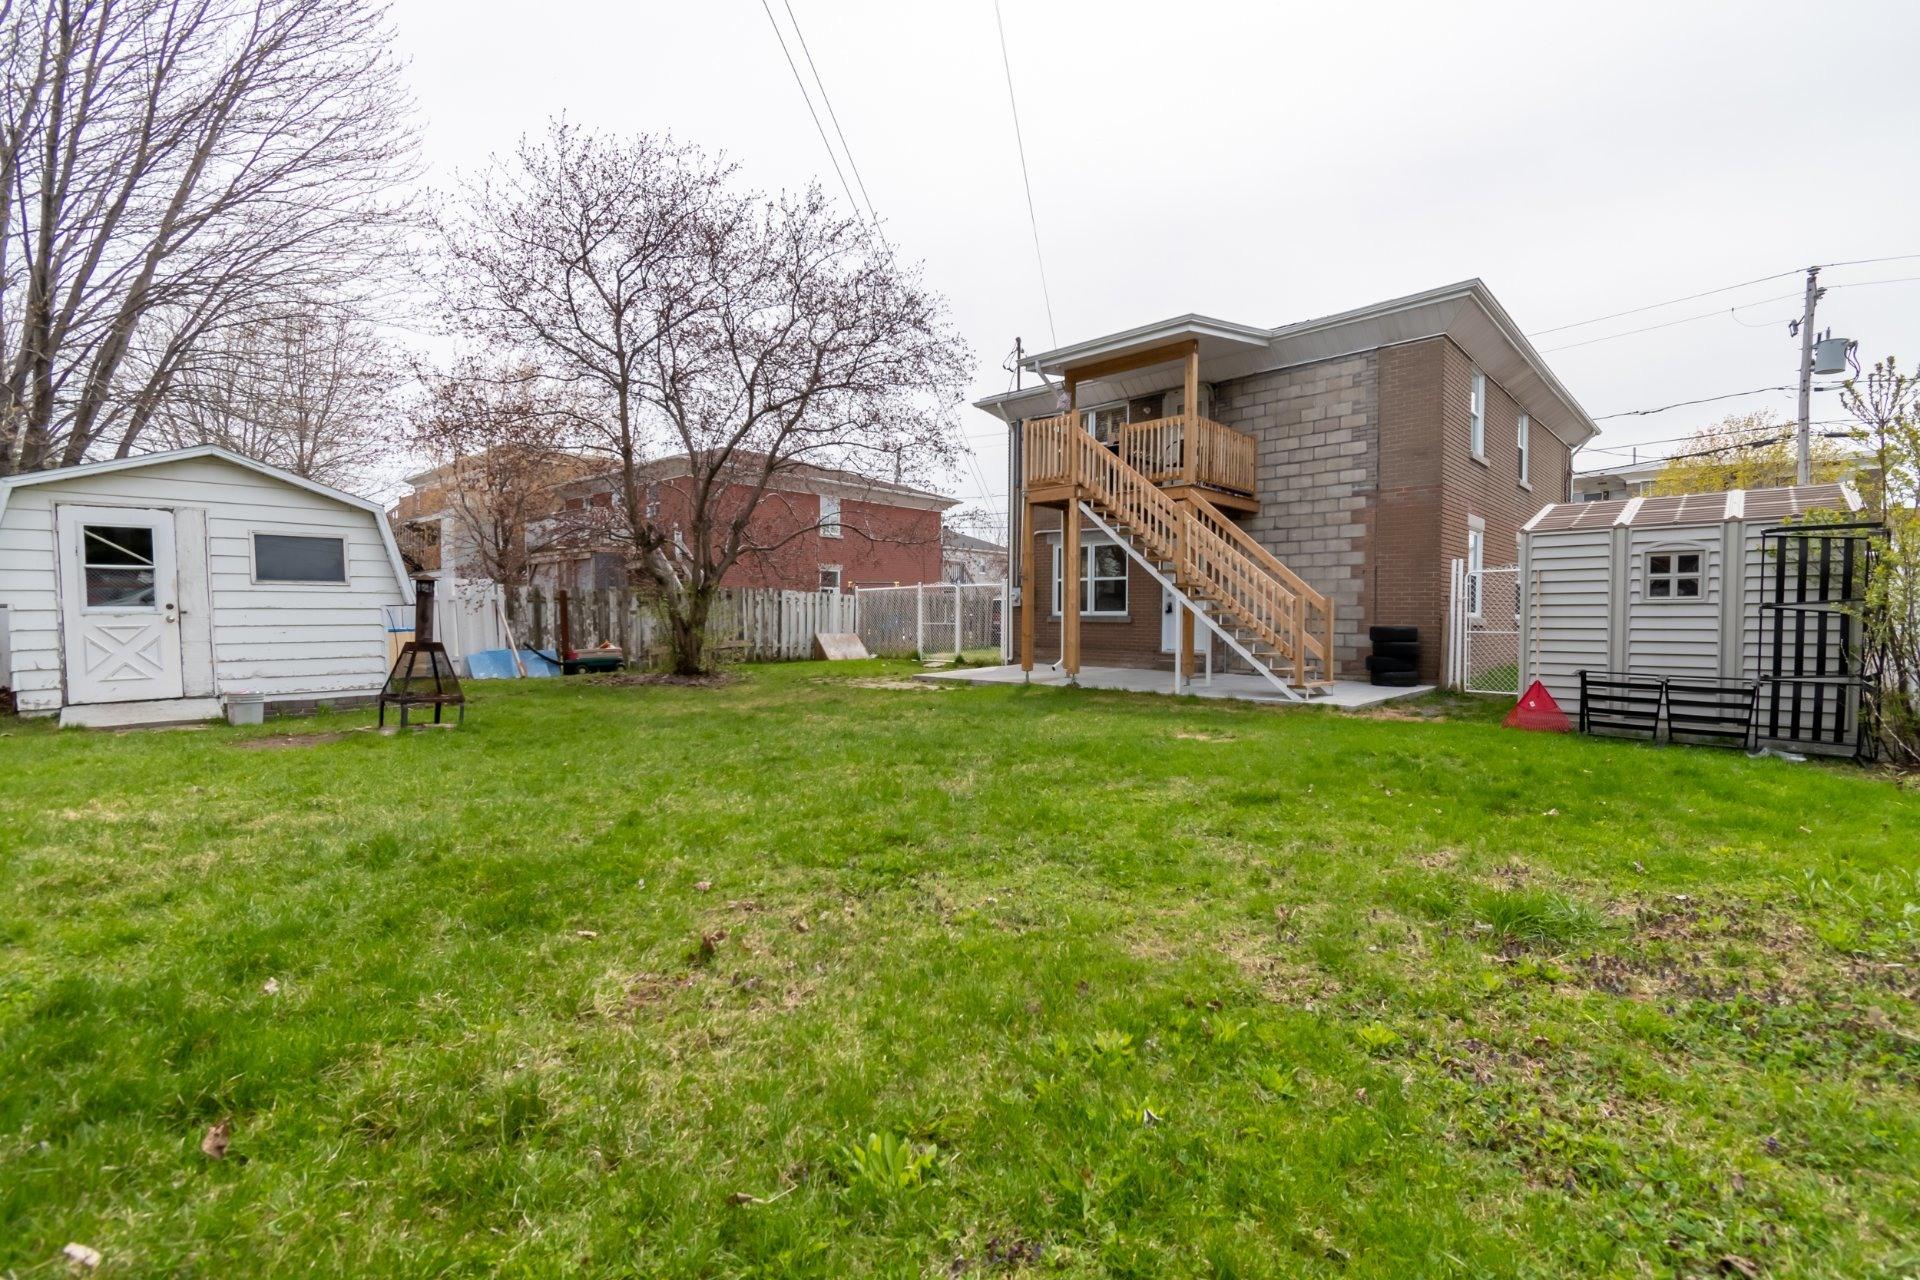 image 25 - Duplex For sale Trois-Rivières - 5 rooms